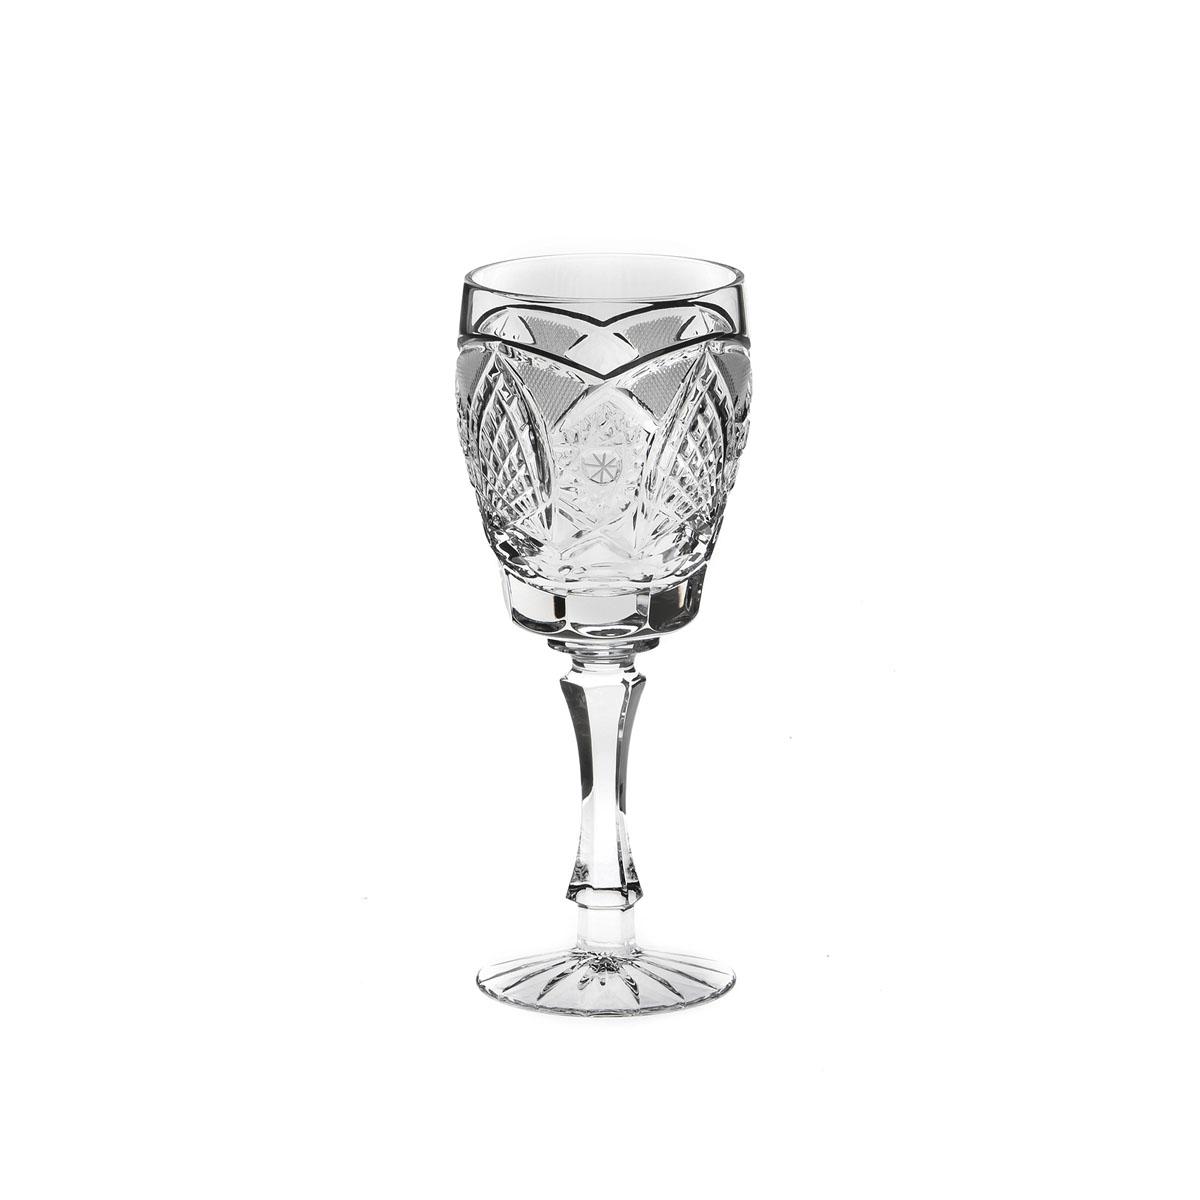 Бокал Дятьковский хрусталь Фирменный, 200 млС796Бокал Дятьковский Хрусталь Фирменный, изготовленный из высококачественного прочного хрусталя, отлично дополнит вашу коллекцию посуды. Изделие декорировано красивым рельефом, отличается изысканным дизайном и высоким качеством исполнения. Бокал предназначен для вина. Красота всегда современна. Поэтому хрустальные бокалы продолжают быть желанным подарком, украшением интерьера и праздничного стола даже в эпоху хай-тека. Хрусталь несет ощущение праздничности, подчеркивает комфорт и порой даже придает интерьеру некую аристократичность. Диаметр (по верхнему краю): 6,5 см. Высота: 17,5 см.